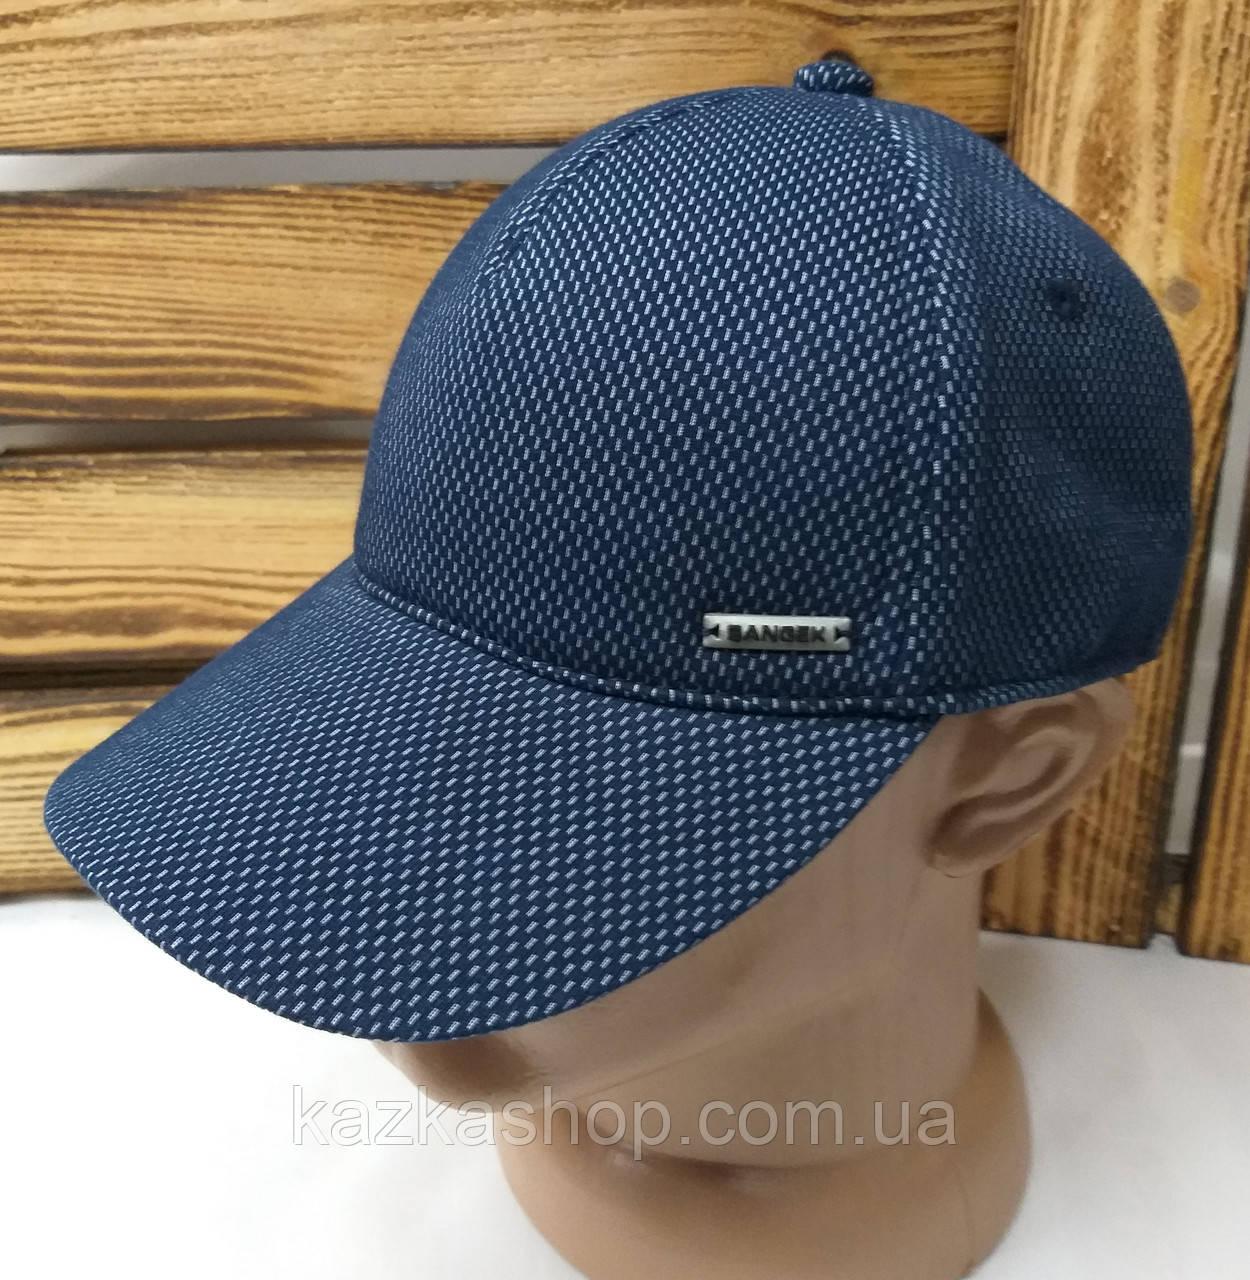 Мужская трикотажная кепка на резинке синего цвета